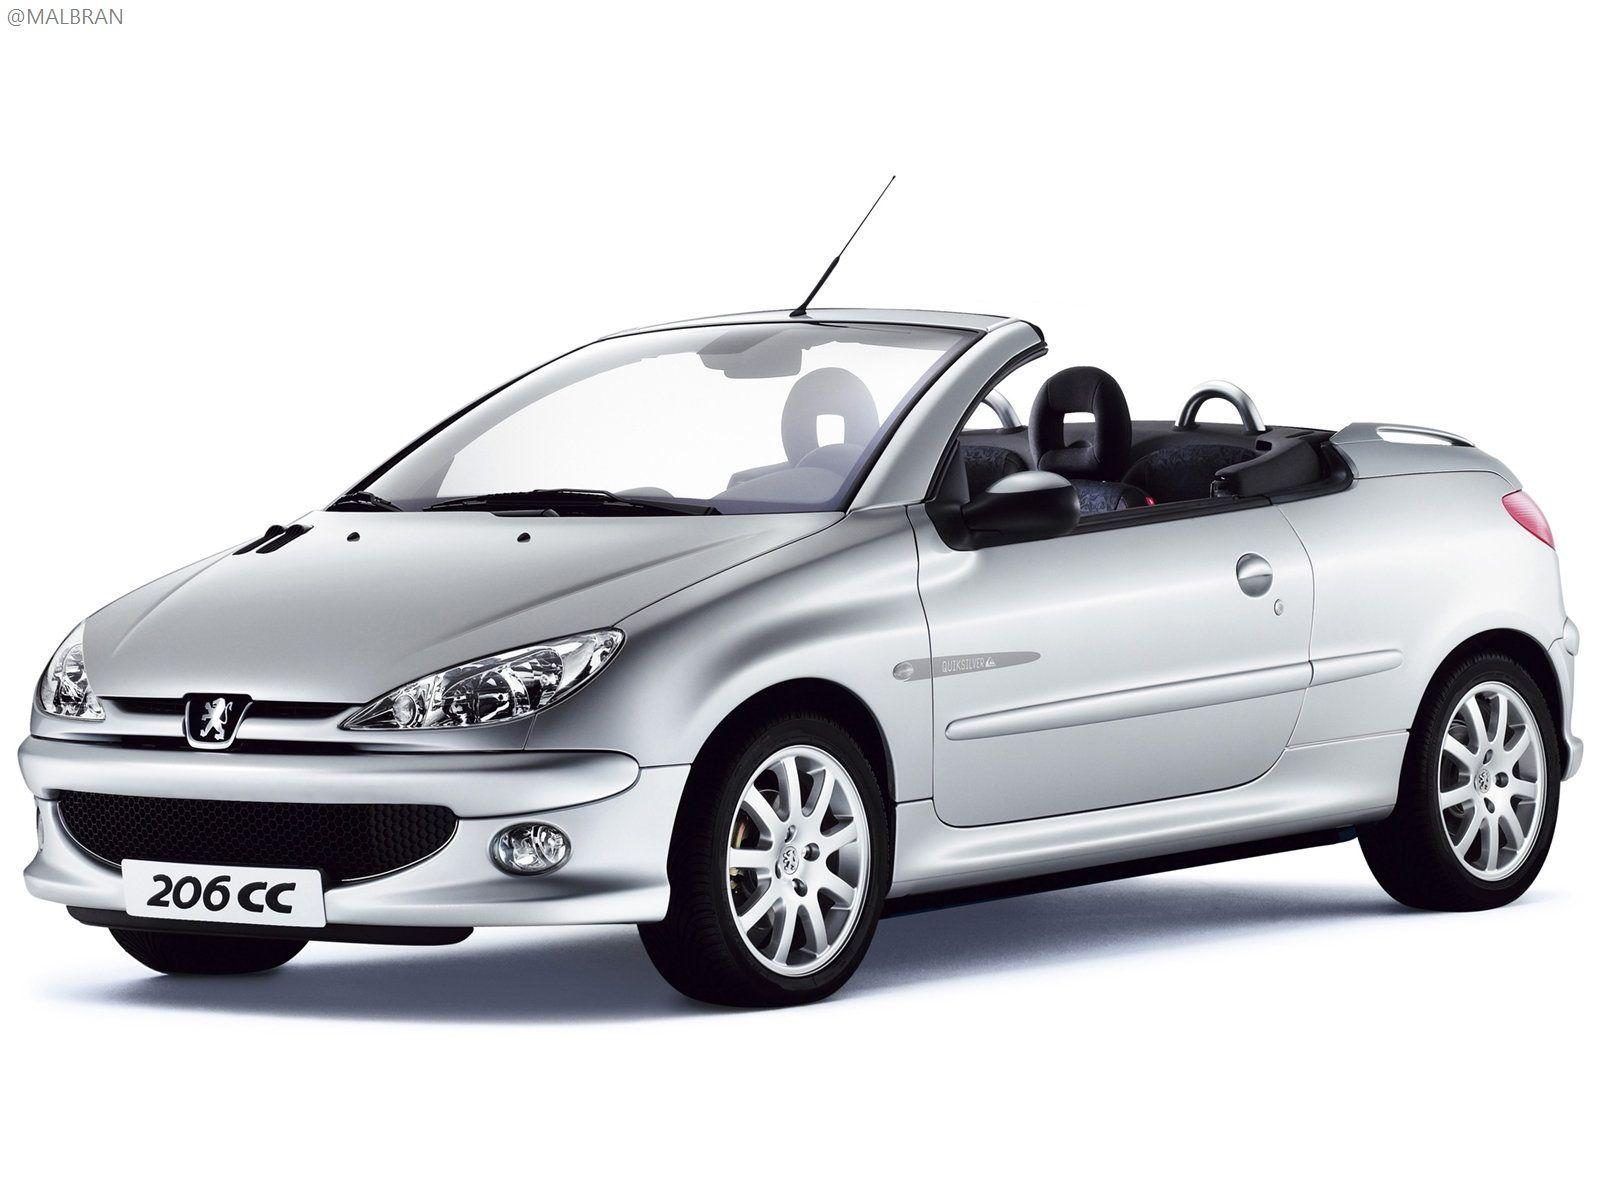 2003 Peugeot 206 CC